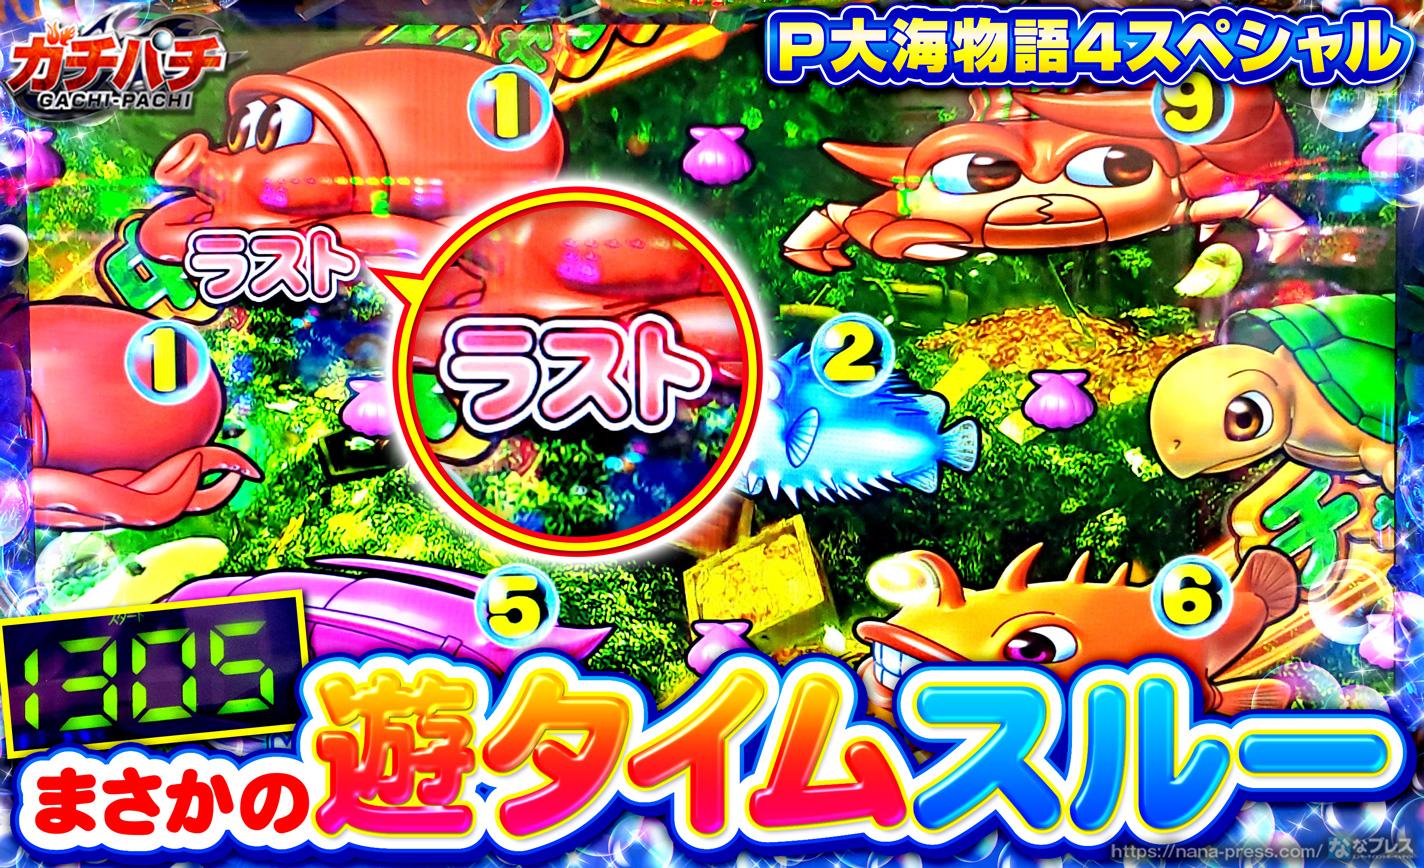 大海物語4スペシャルでストレートハマりからの遊タイムスルー!?ボーダー超えの台を終日実戦!! eyecatch-image